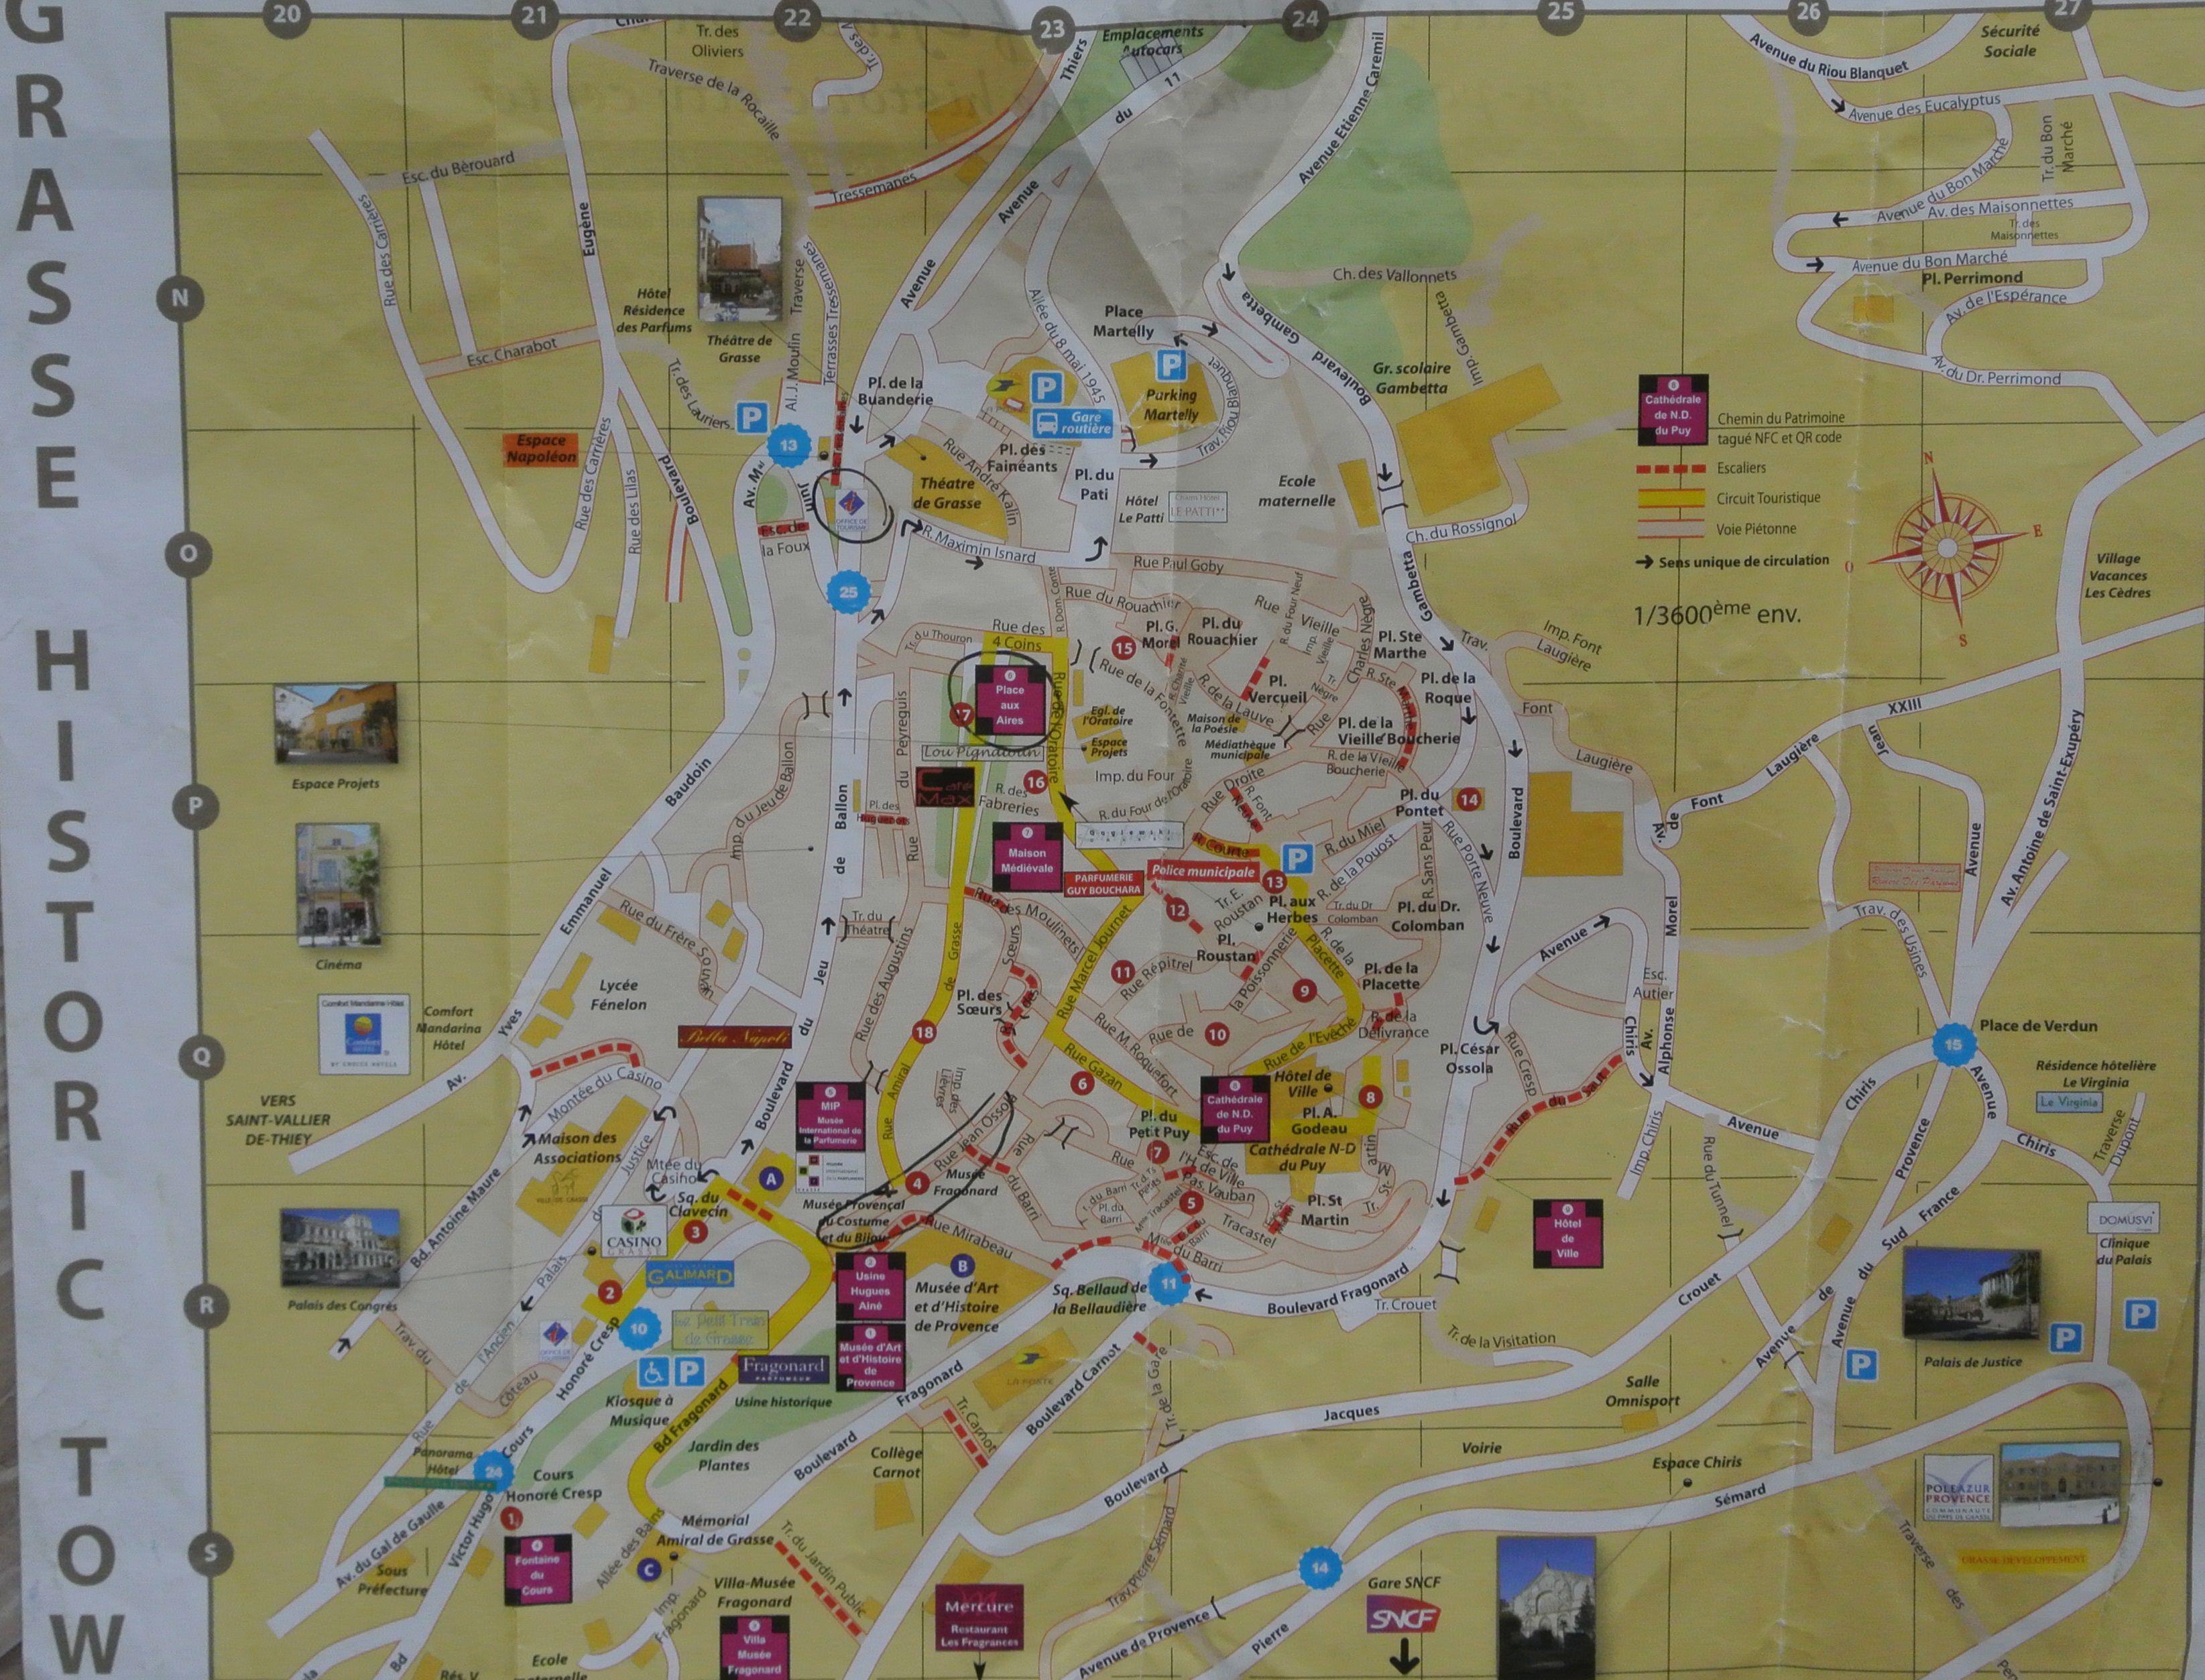 Harta centrului istoric Grasse